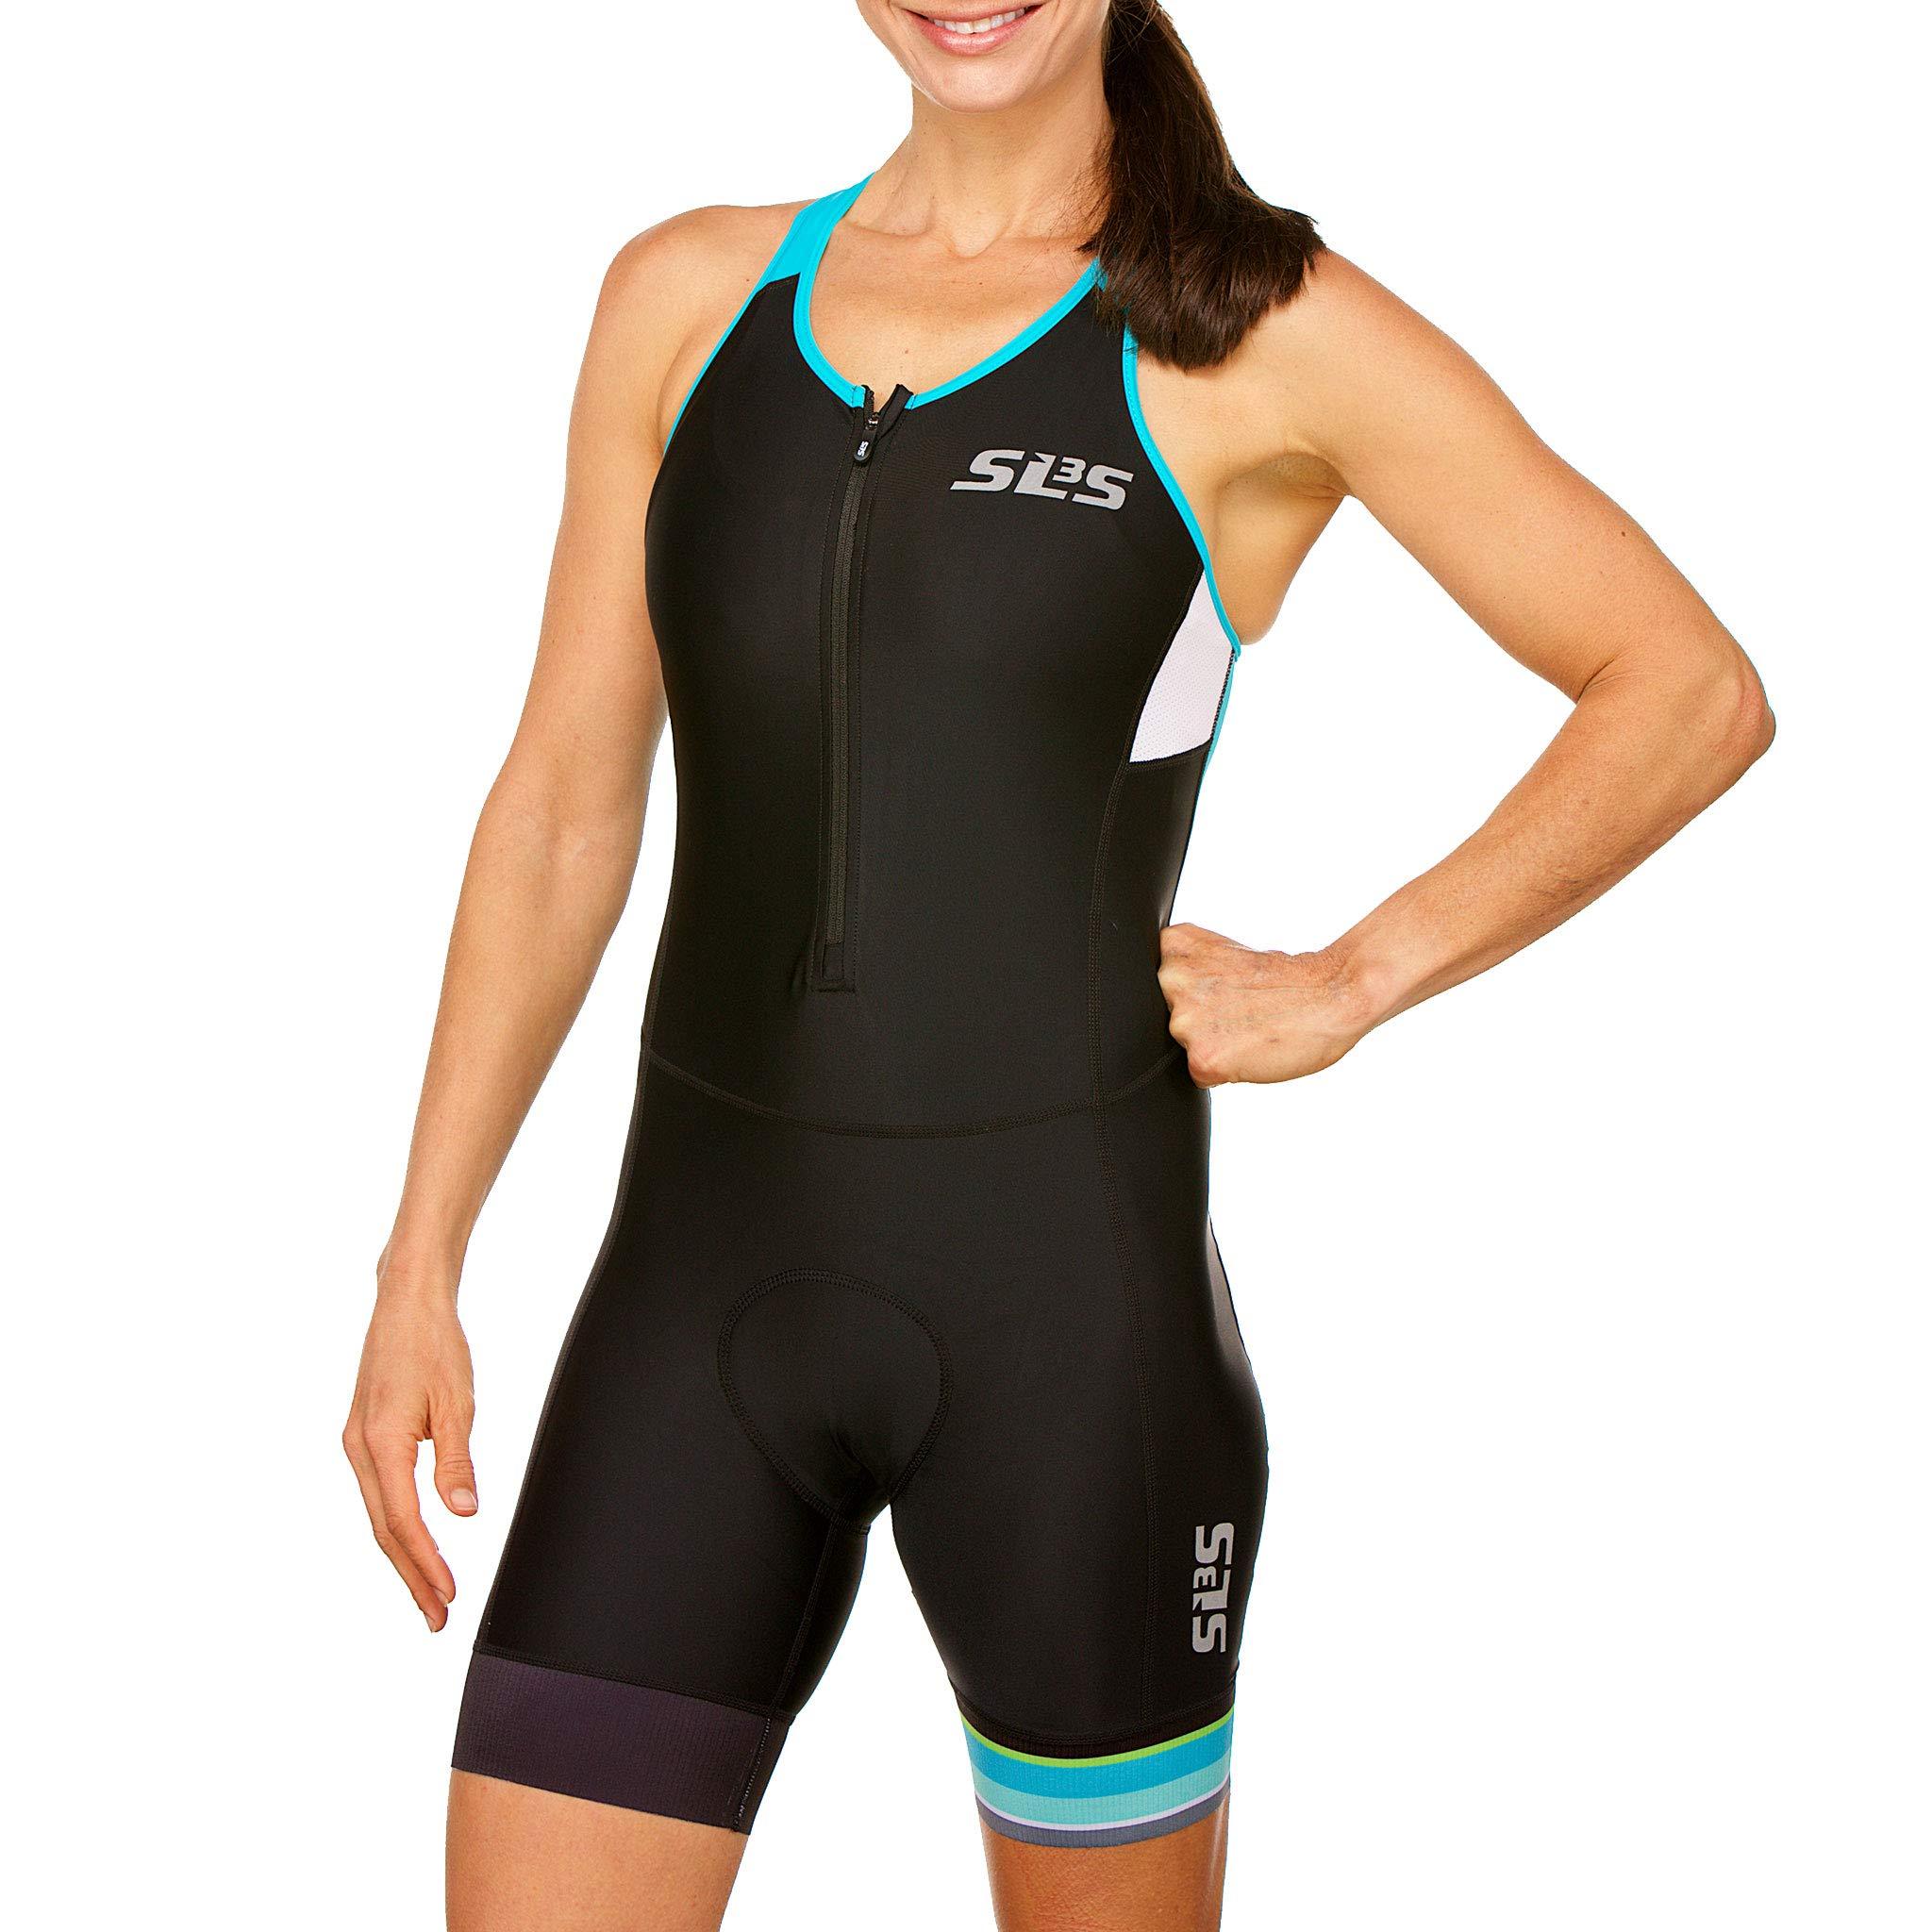 SLS3 Women`s Triathlon Tri Race Suit FRT | Womens Trisuit | Back Pocket Triathlon Suits | Anti-Friction Seams | German Designed (Black/Martinica Blue, XS) by SLS3 (Image #1)